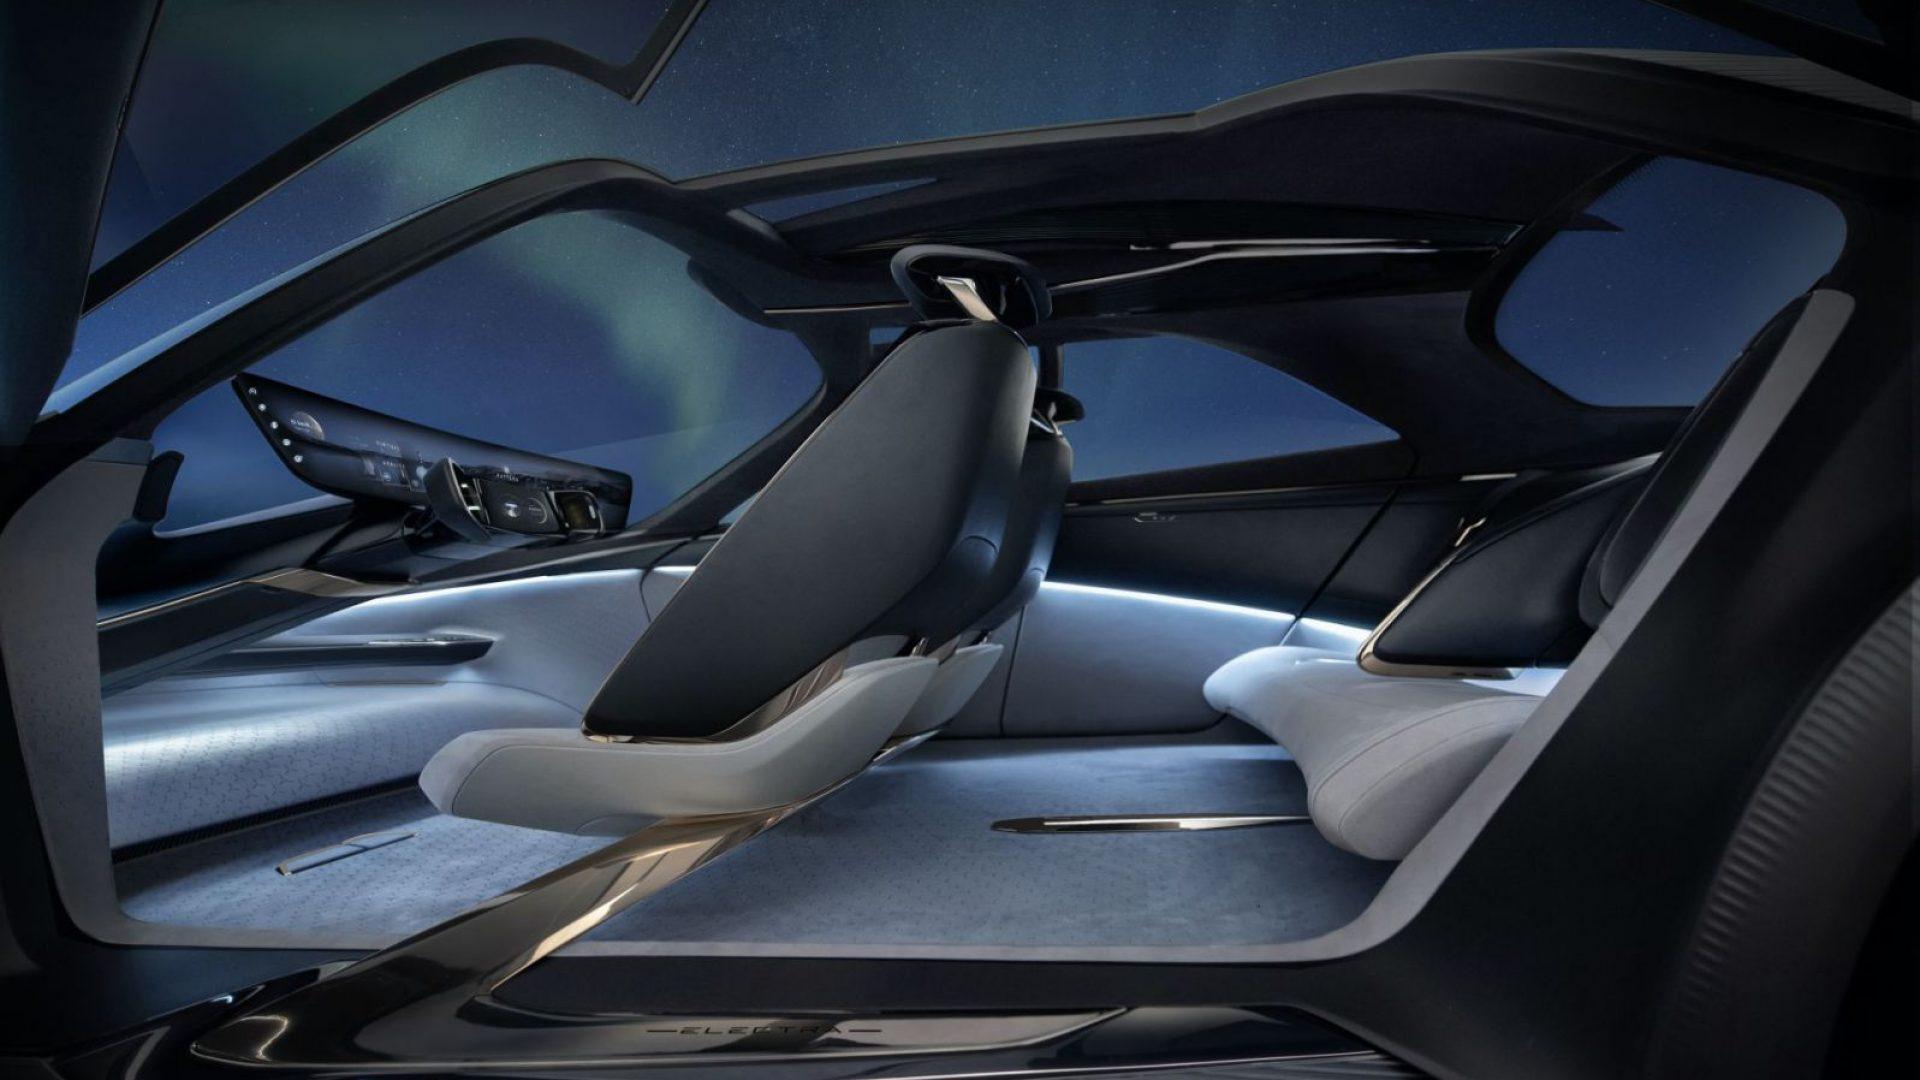 2020-Buick-Electra-Concept-Interior-11